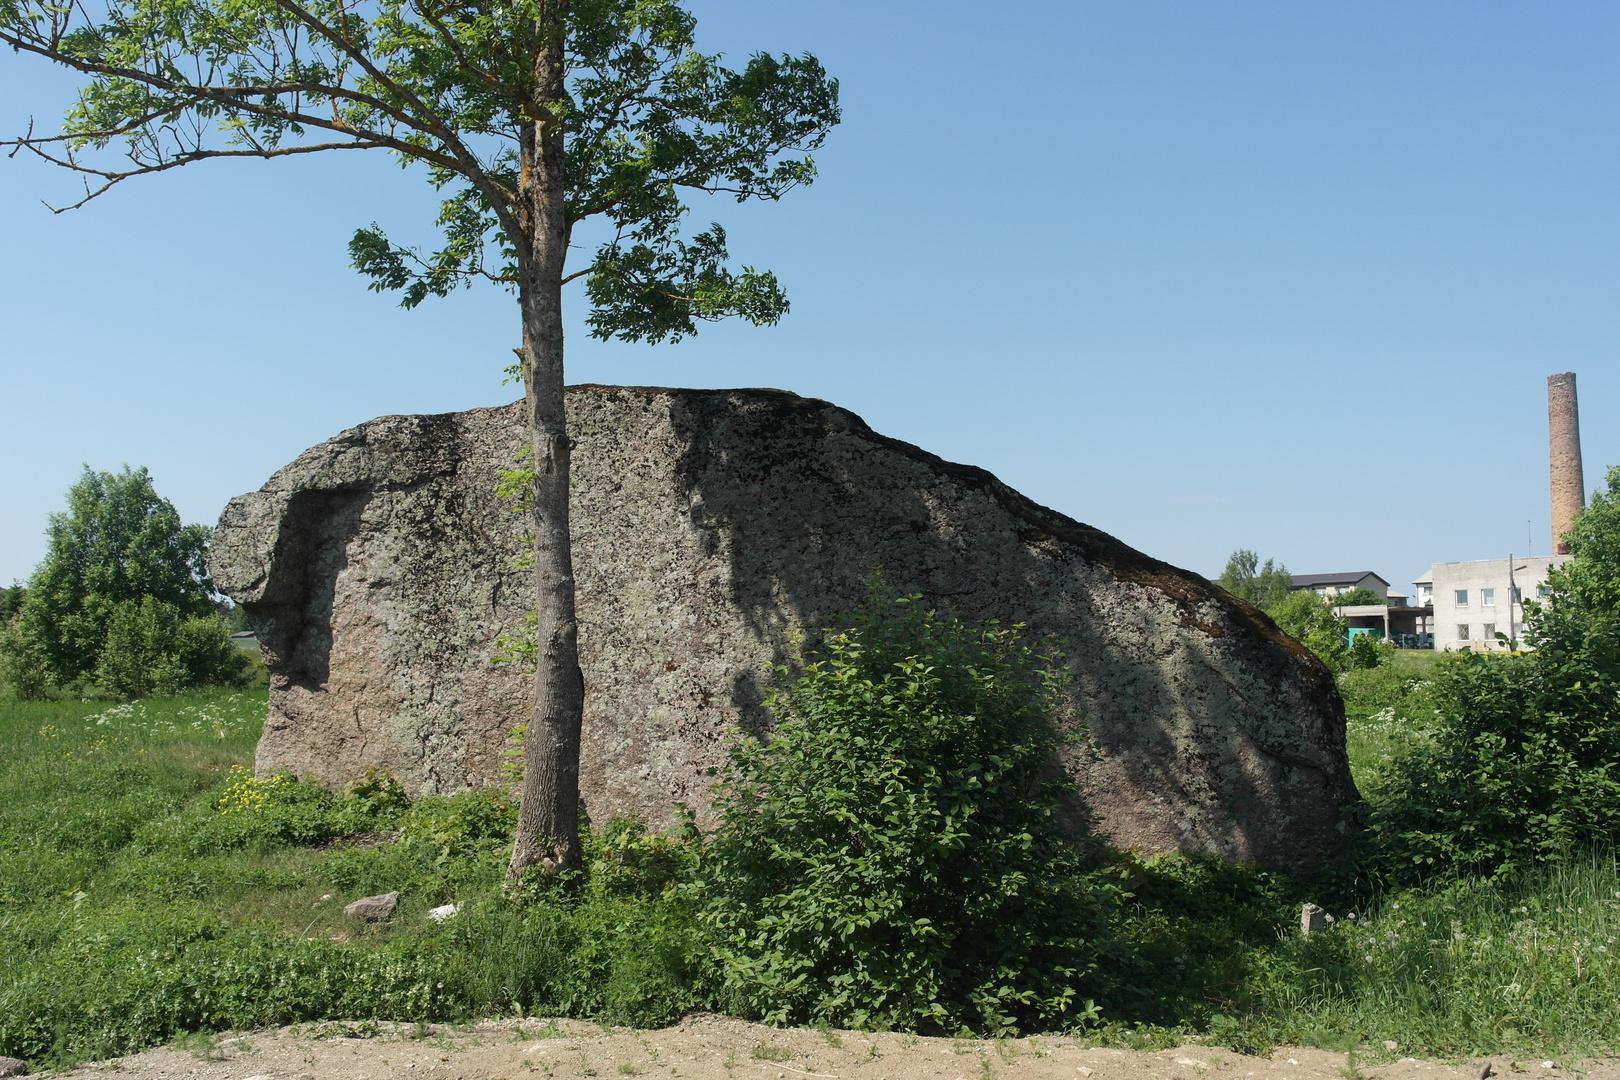 Aruküla glacial erratic